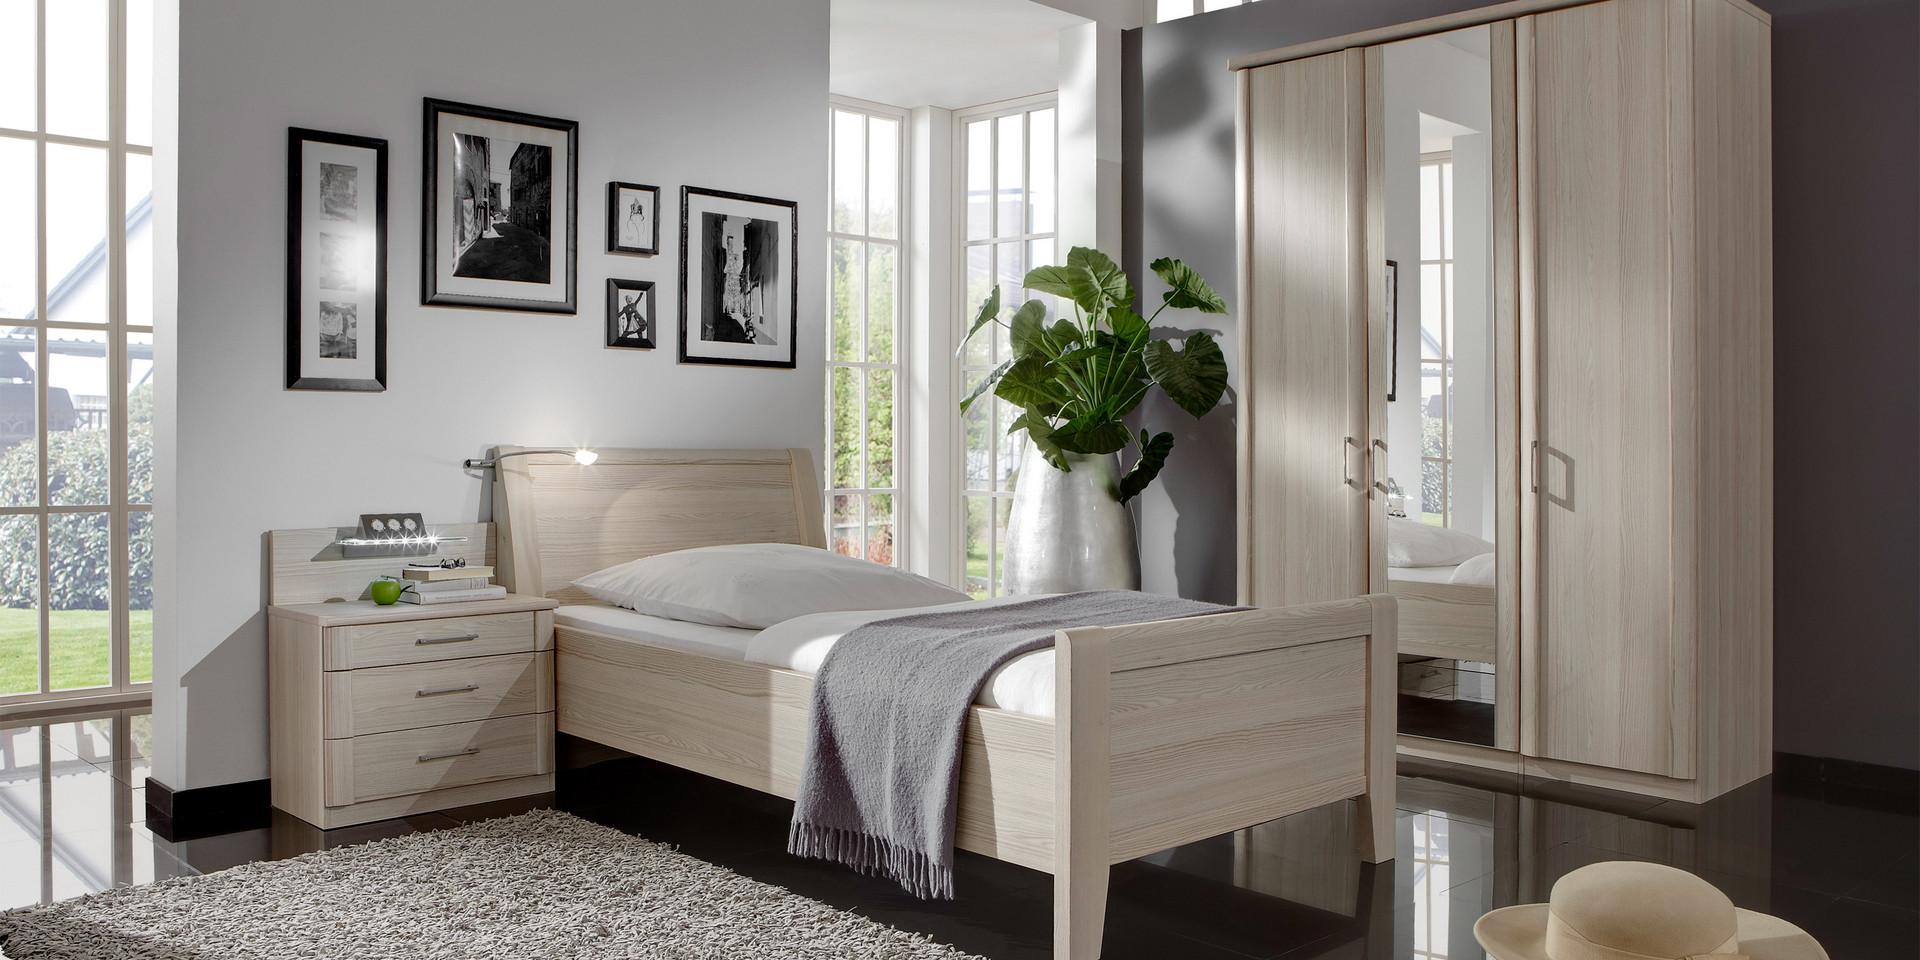 Full Size of überbau Schlafzimmer Modern Moderne Deckenleuchte Wohnzimmer Kronleuchter Vorhänge Lampe Nolte Set Günstig Sessel Komplett Guenstig Massivholz Teppich Weiß Wohnzimmer überbau Schlafzimmer Modern